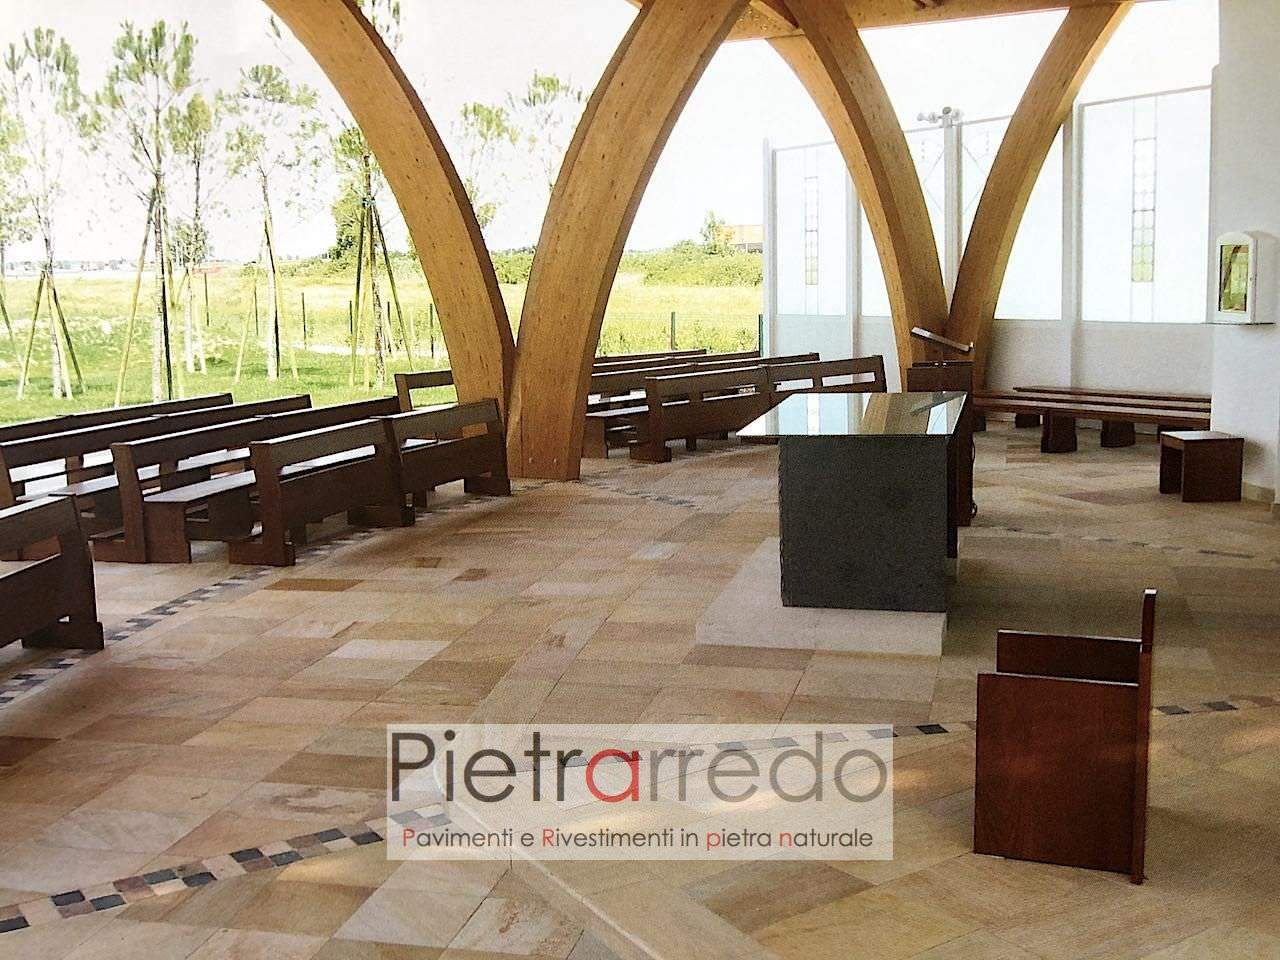 pavimento spa centro benessere piscine quarzite brasiliana pietra rosa gialla prezzo costi milano pietrarredo